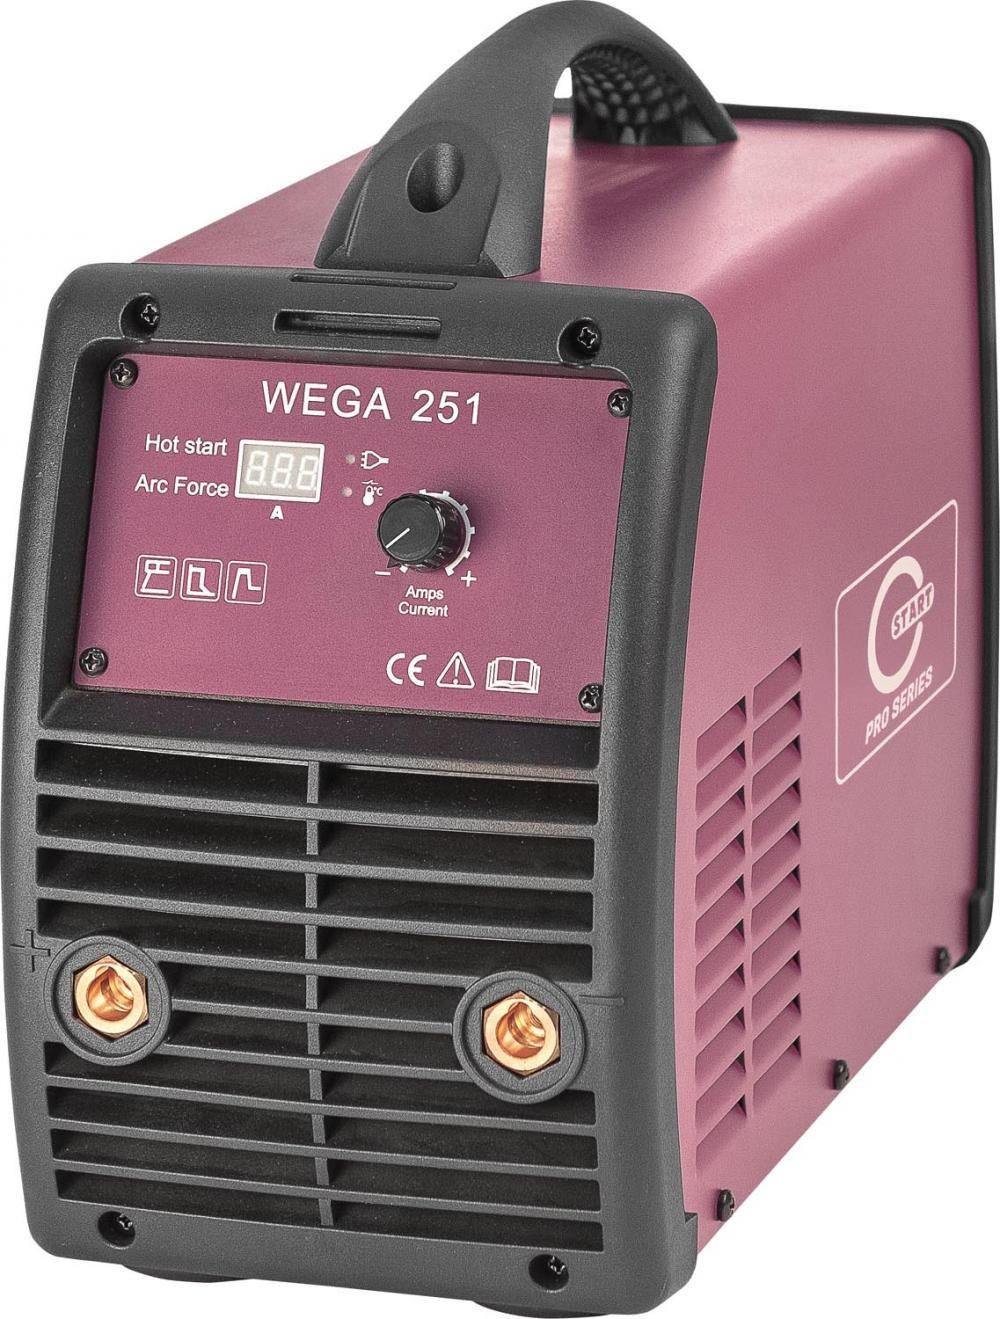 Wega 251